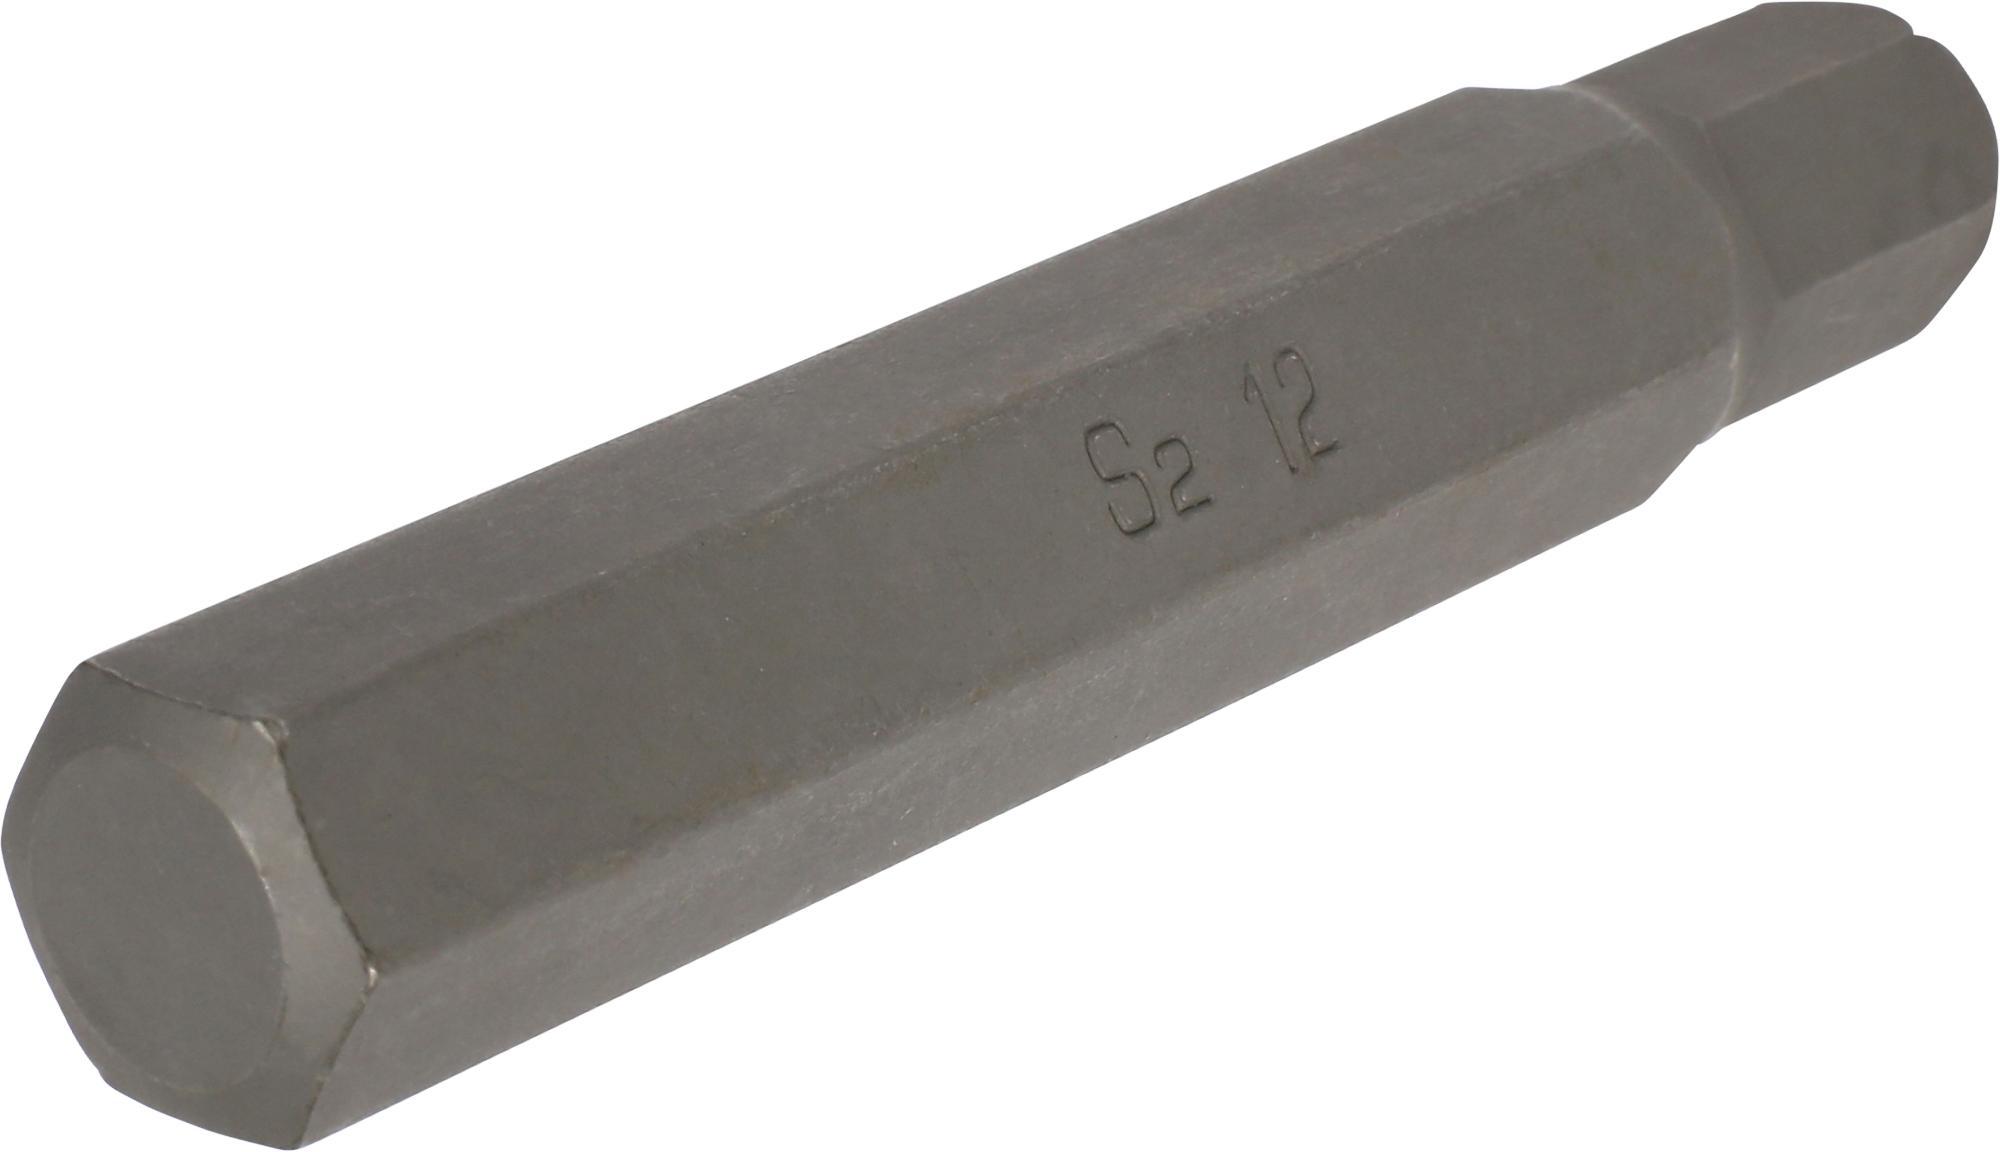 Bit, 10 mm 6-hran, IMBUS 12x75 mm